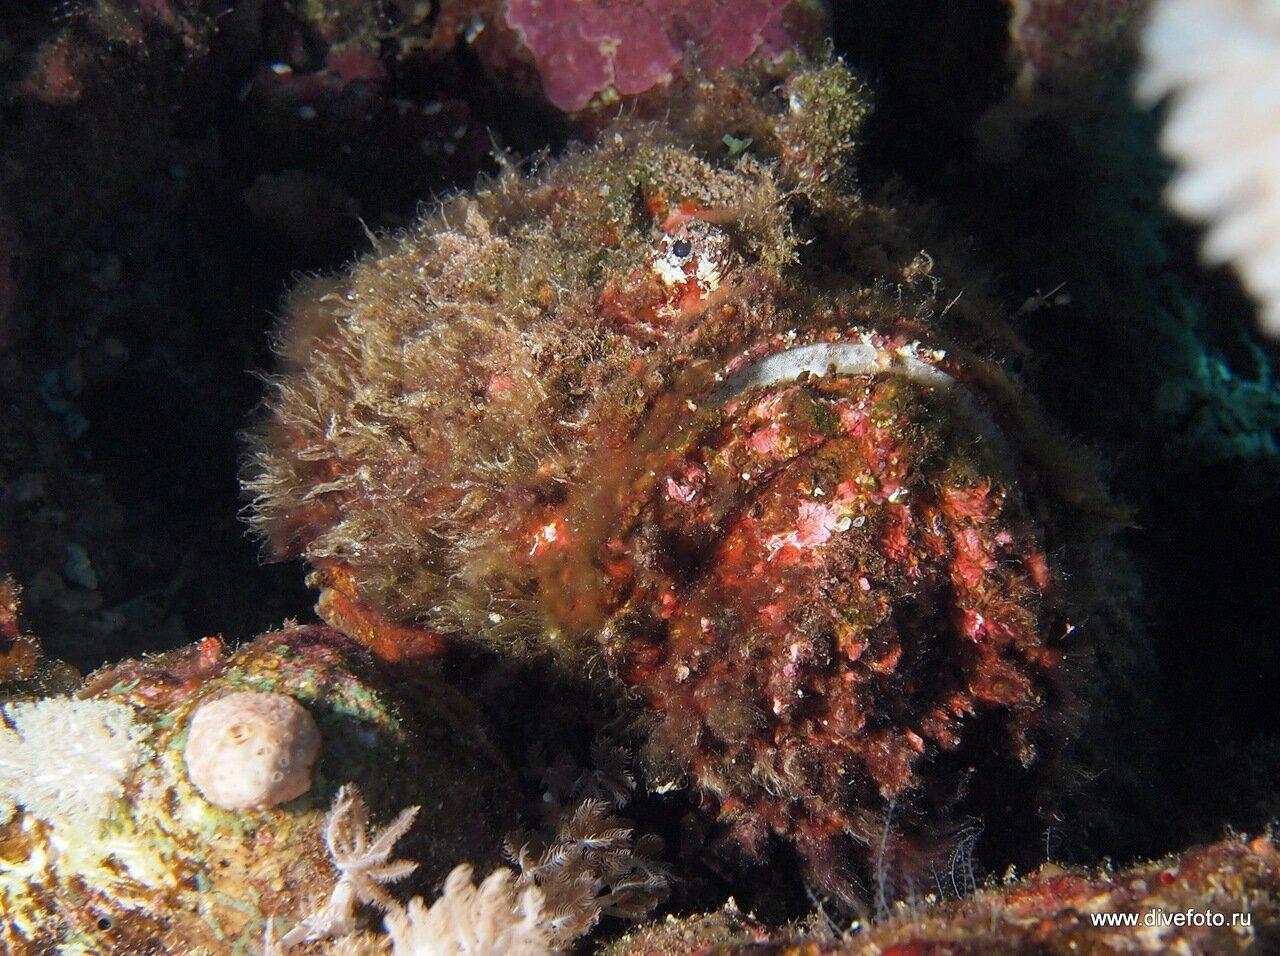 рыба камень, stone fish, фото страшных рыб